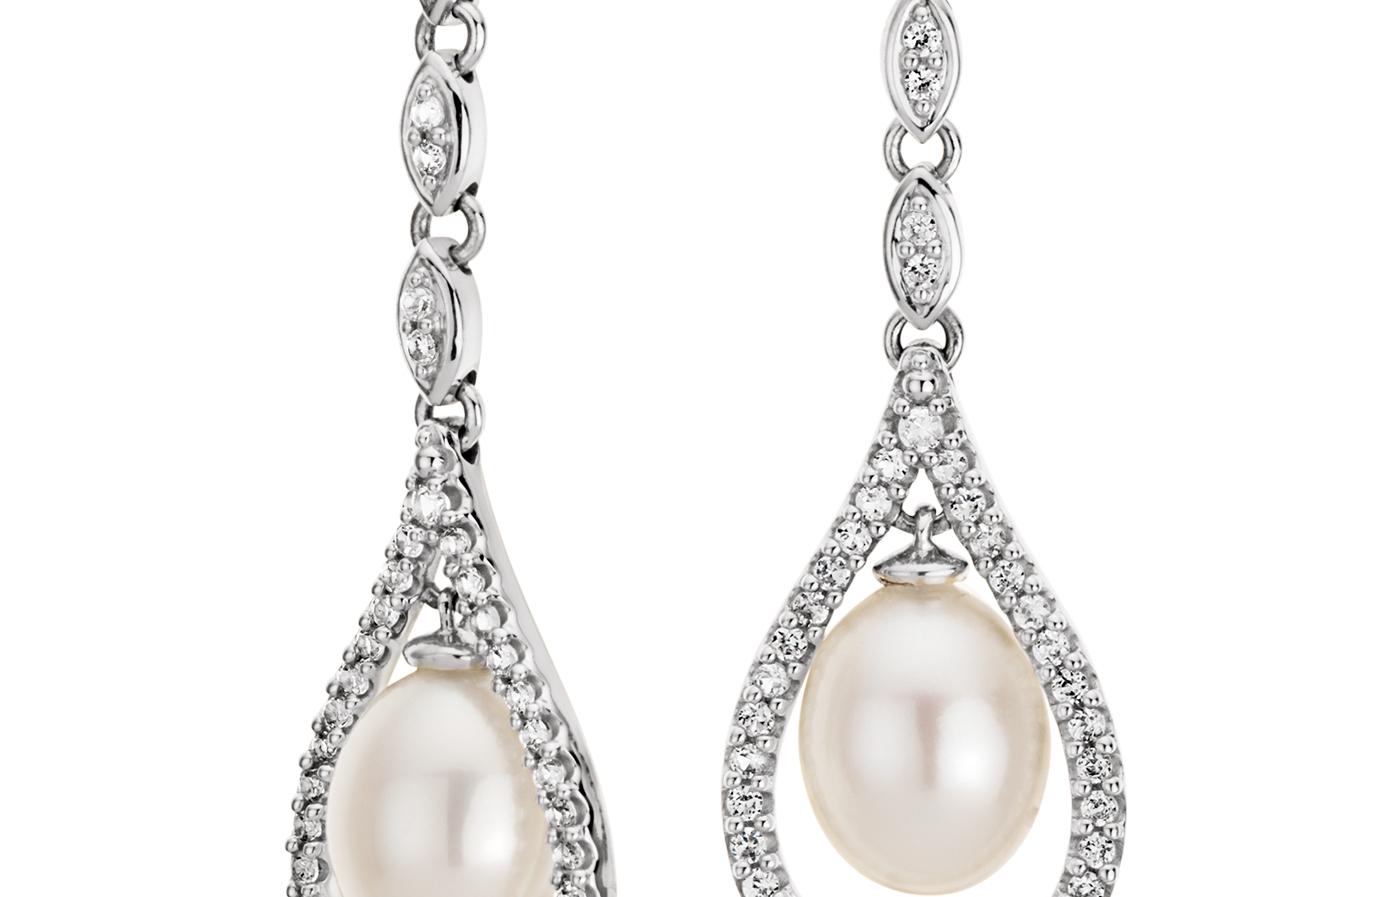 Boucles d'oreilles topaze blanche et perles de culture d'eau douce d'inspiration vintage en argent sterling (6-7mm)